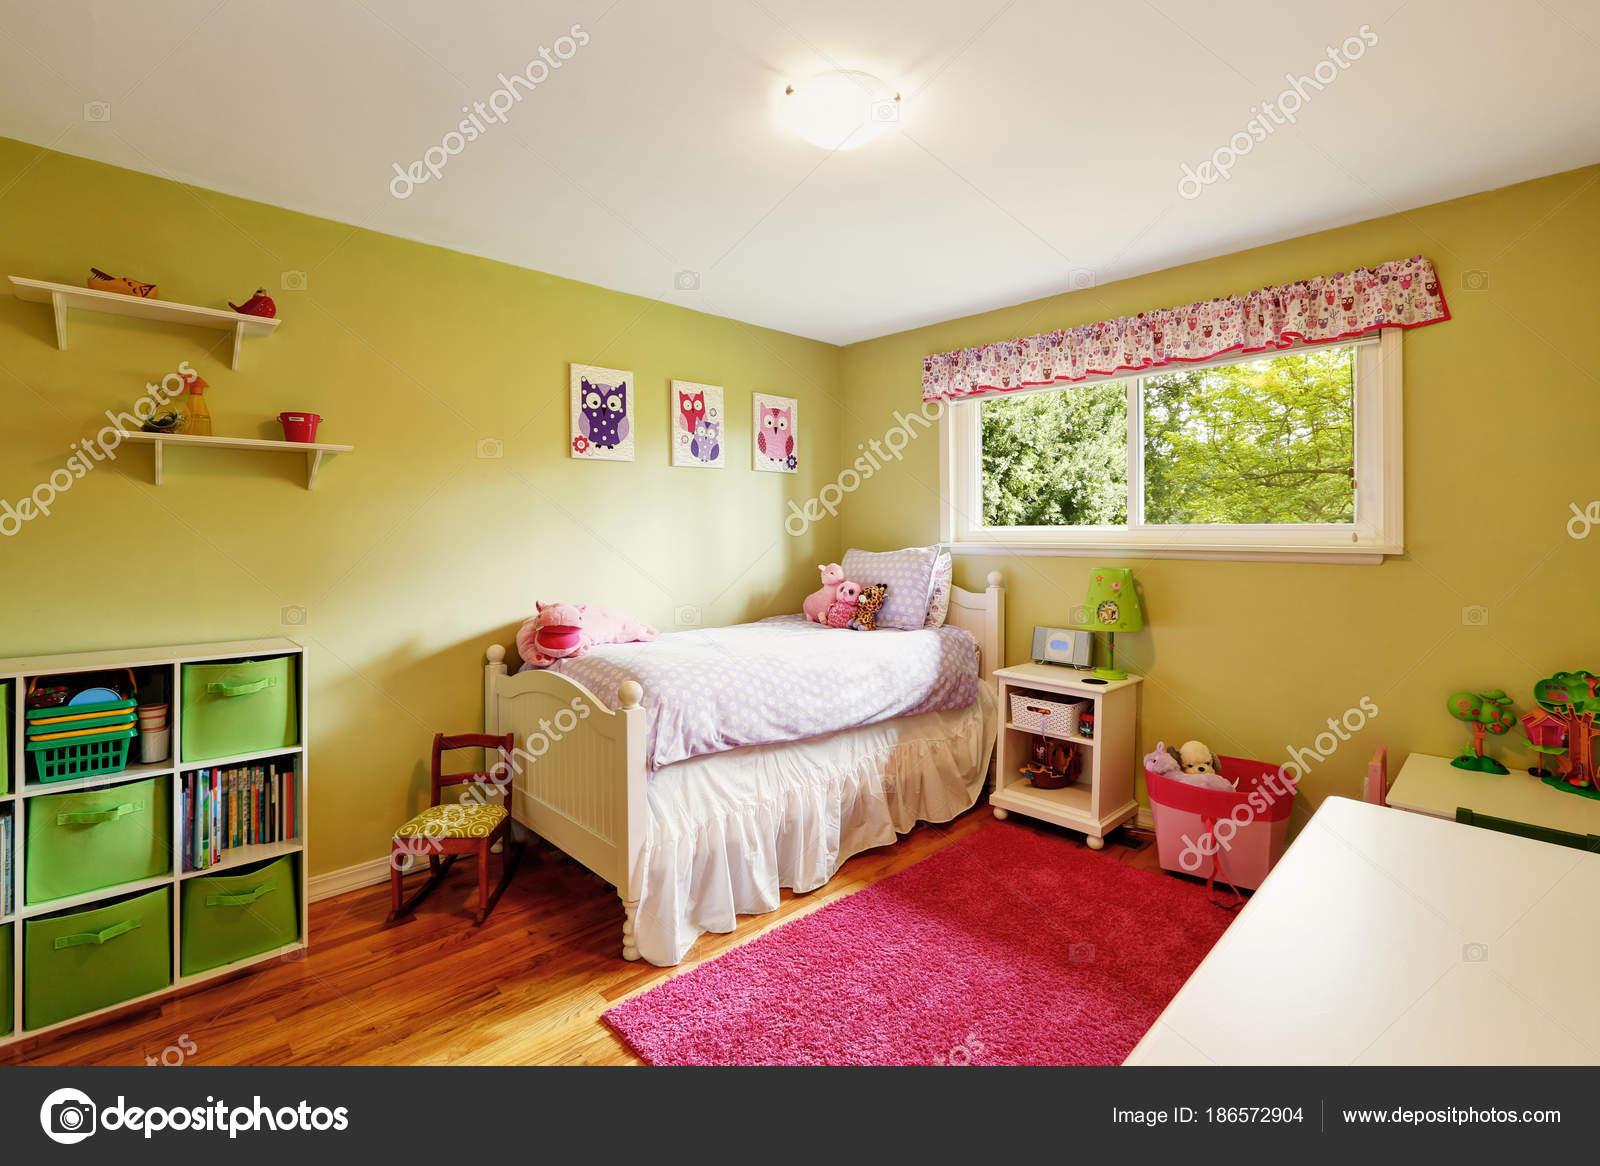 Stanza Da Letto Ragazza : Camera da letto della ragazza adorabile in toni verdi e rossi